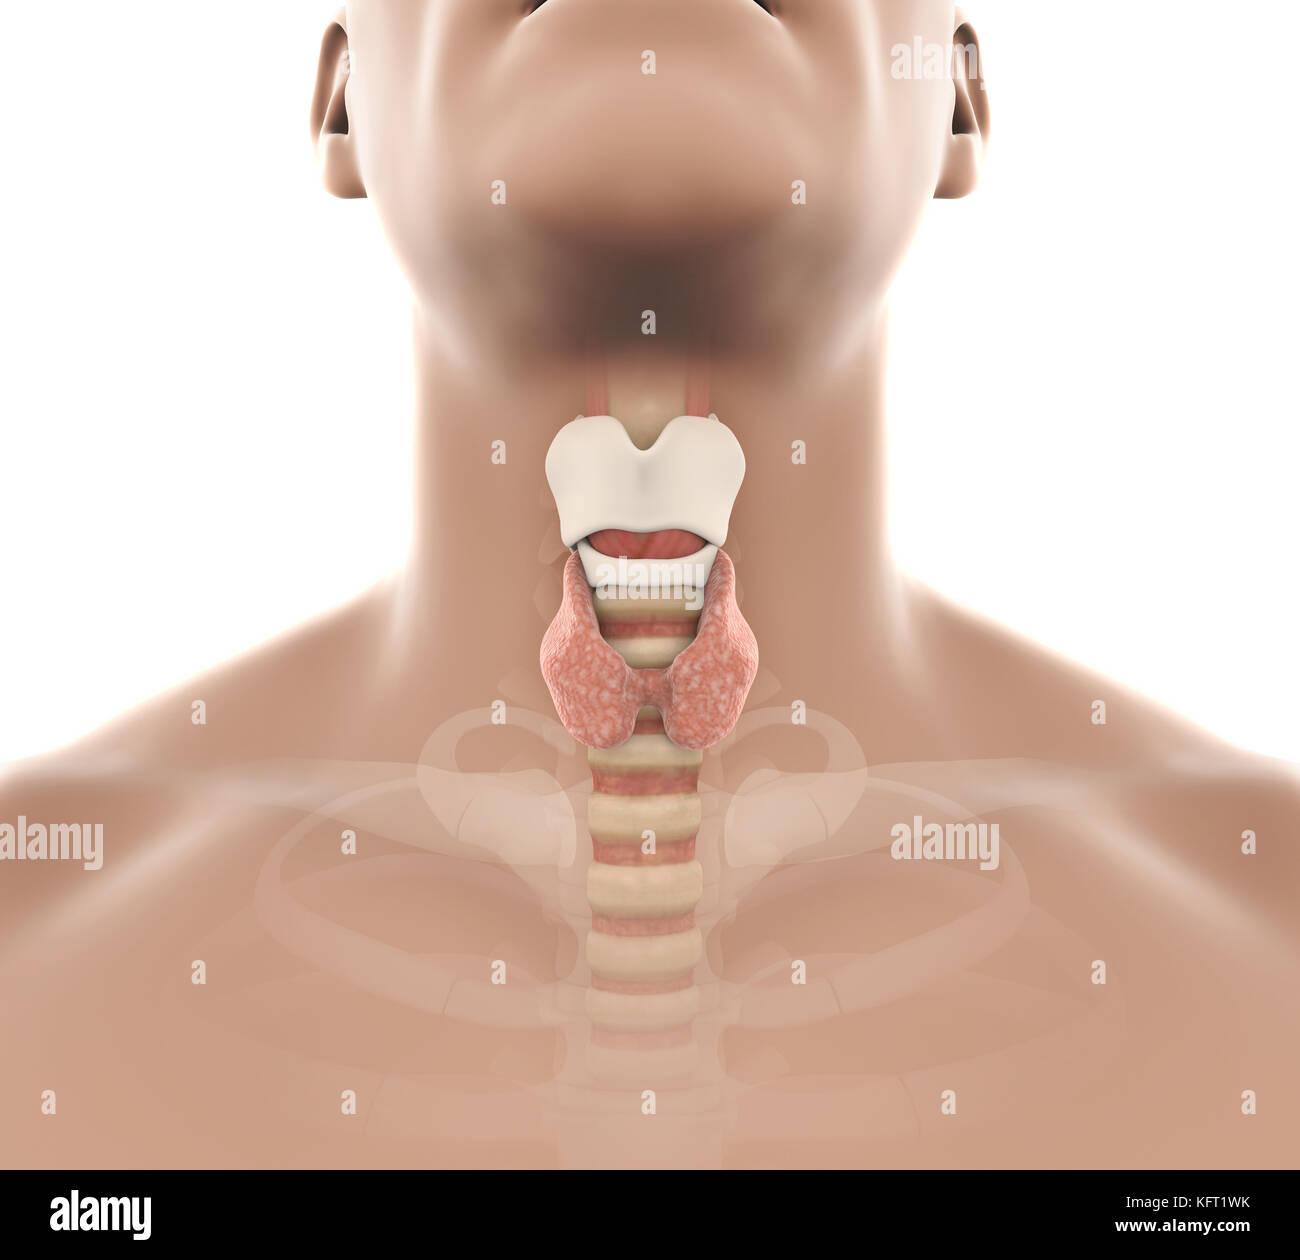 Ungewöhnlich Anatomie Des Mundes Und Der Lippen Ideen - Menschliche ...